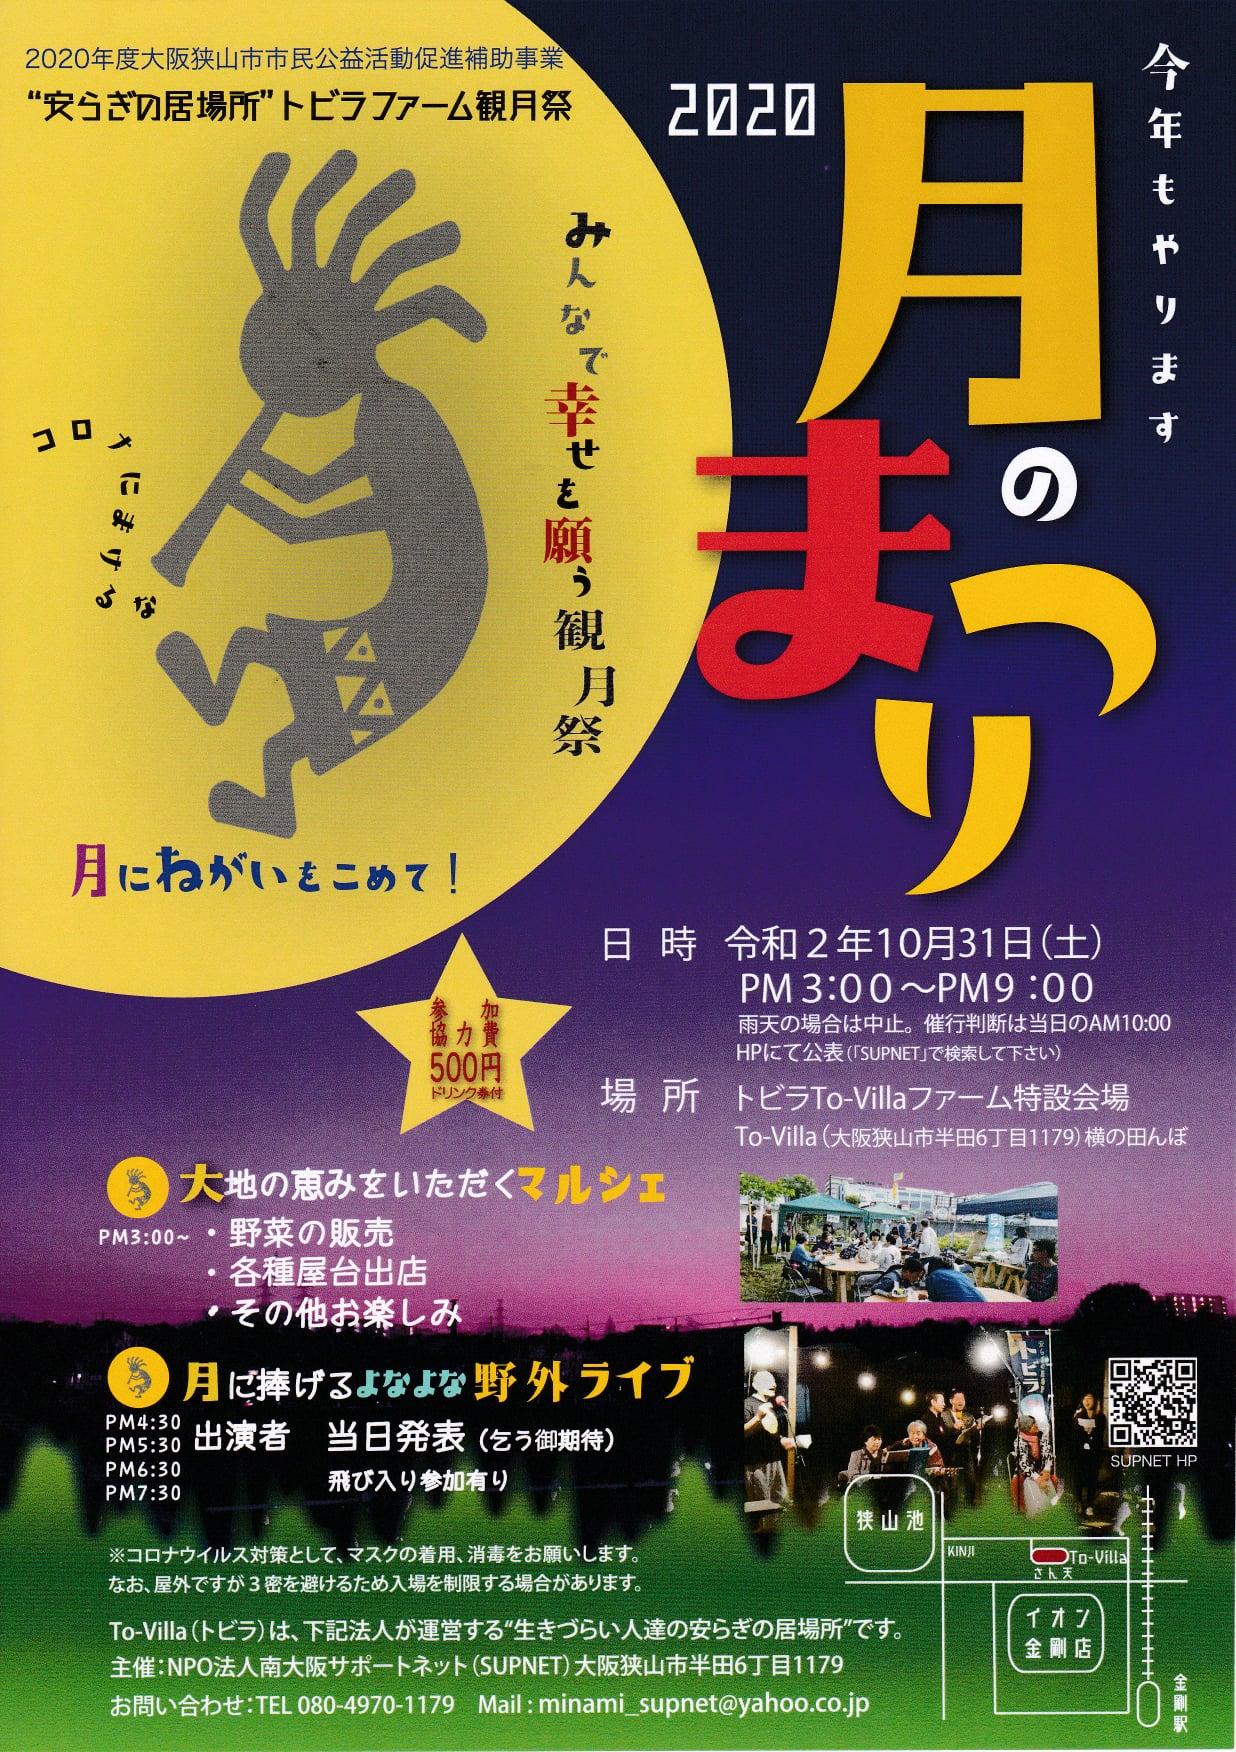 【2020年10月31日】トビラファーム観月祭「月のまつり」がトビラTo-Villaファーム特設会場で開催されます